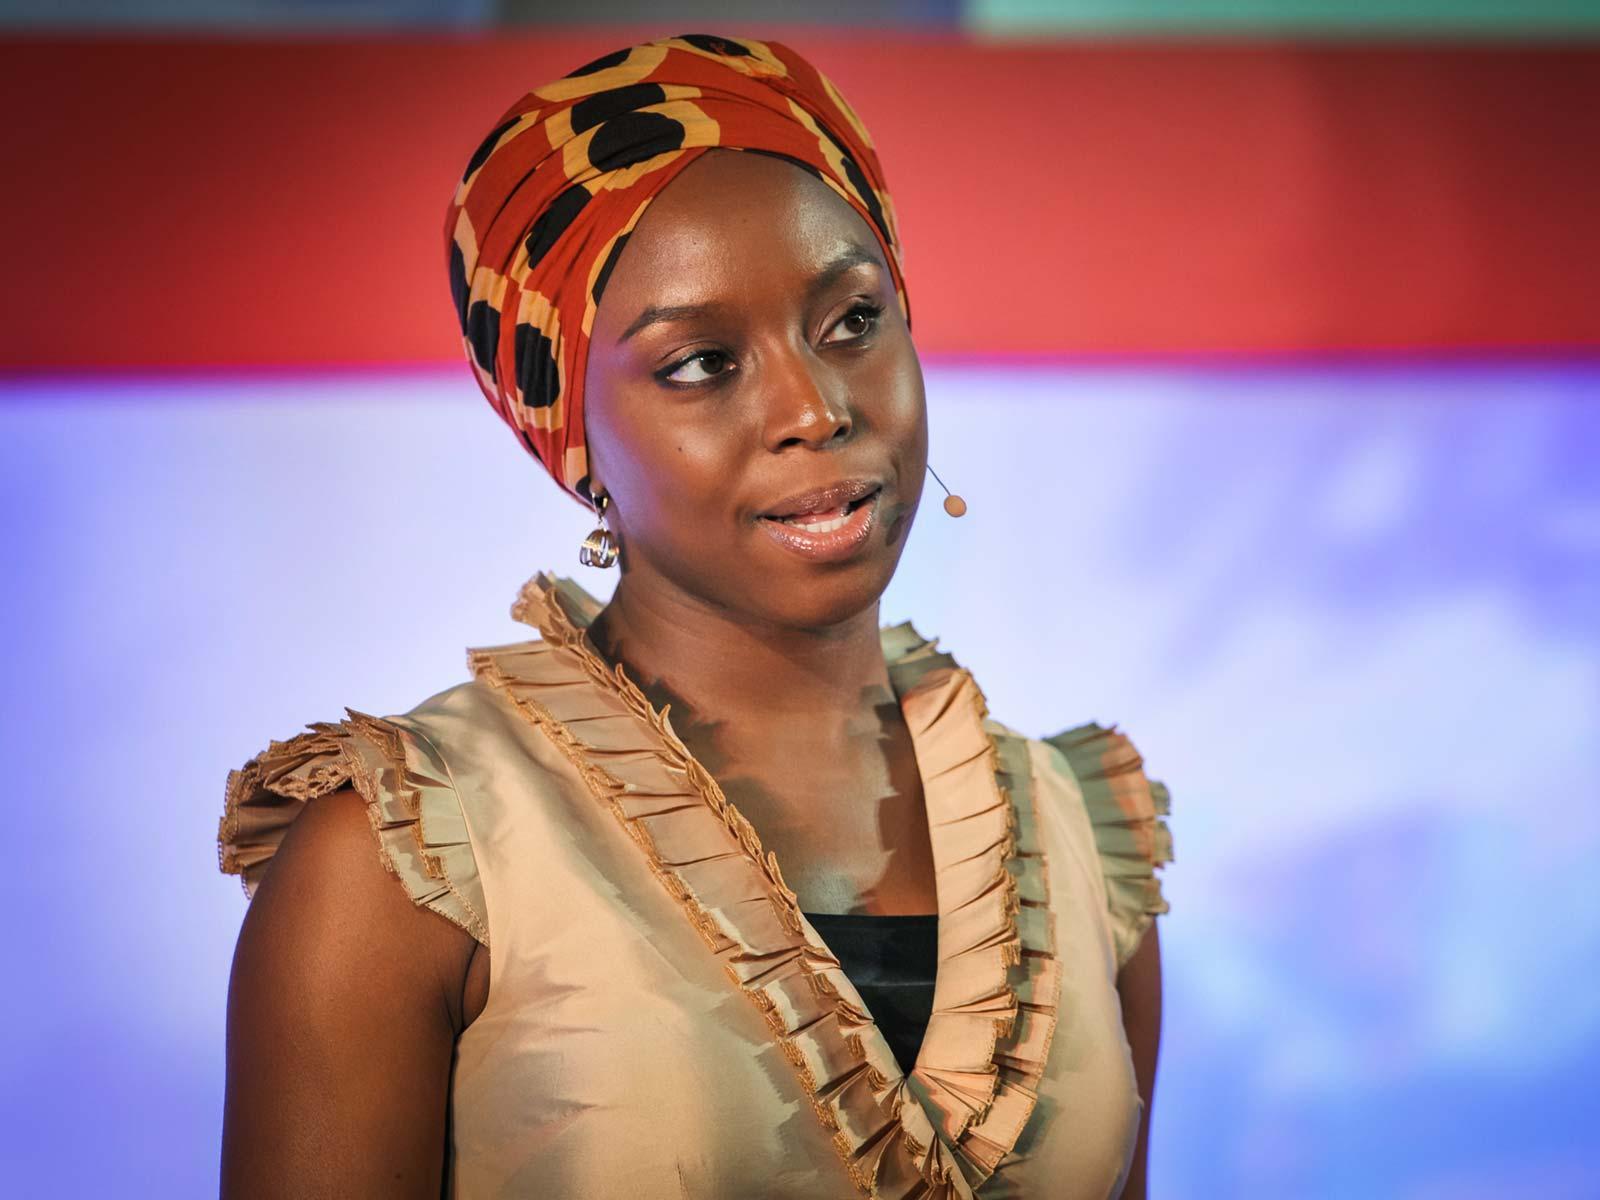 Chimamanda Ngozi Adichie speaking